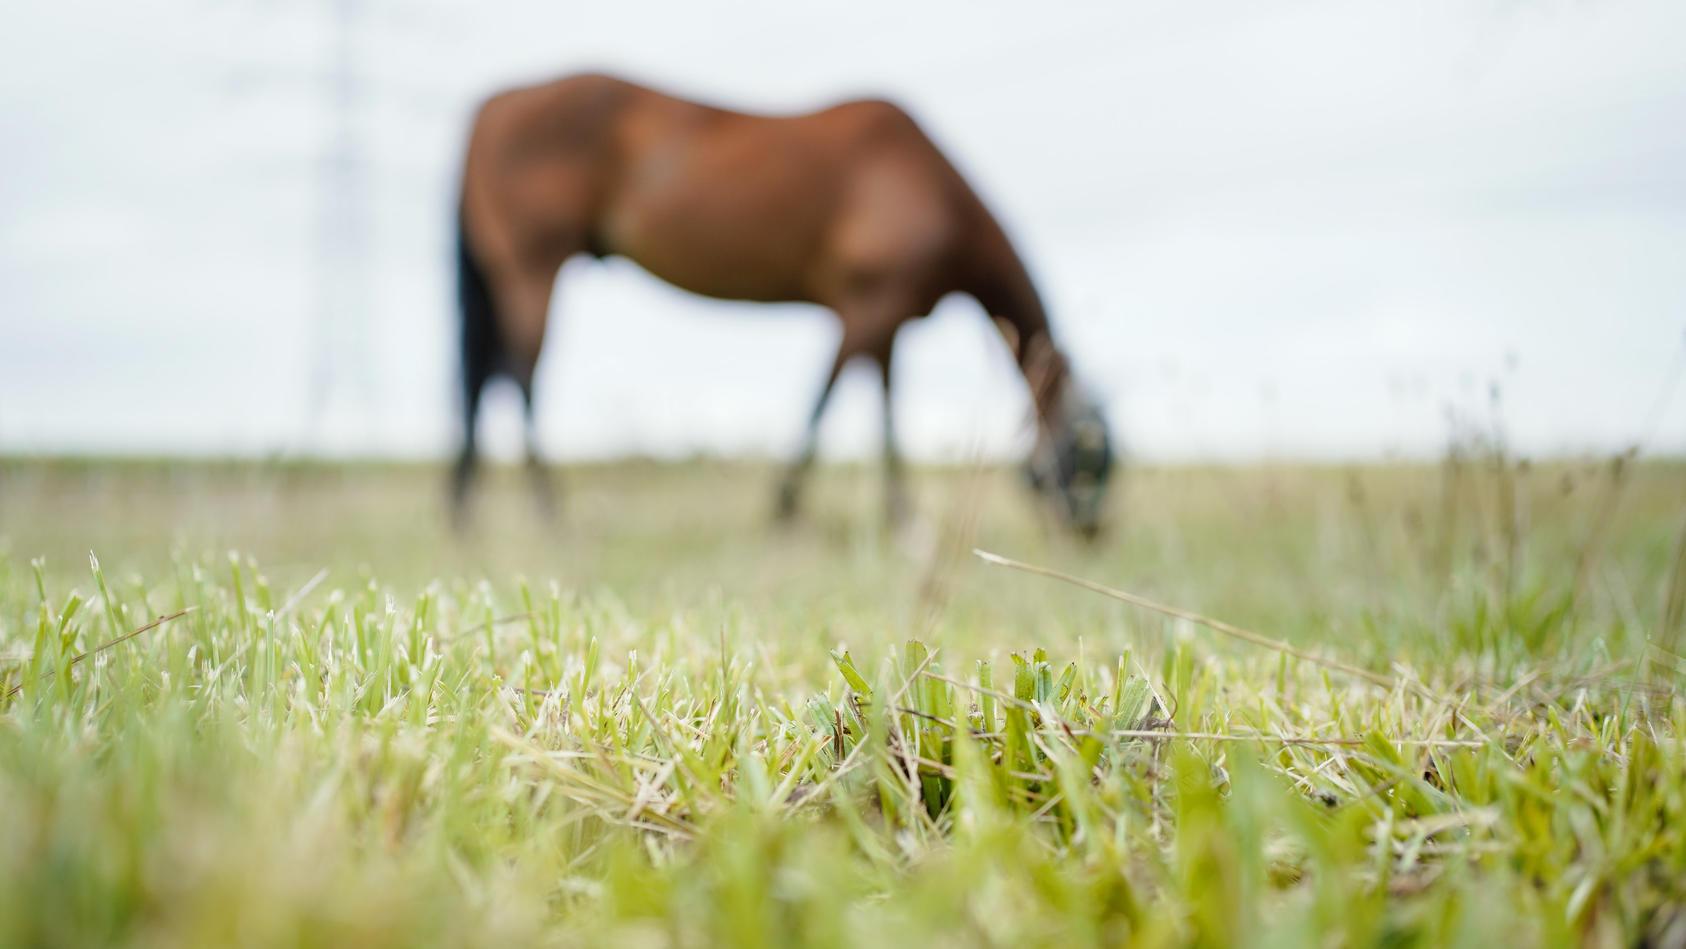 Pferd mit schweren Verletzungen tot auf Koppel entdeckt